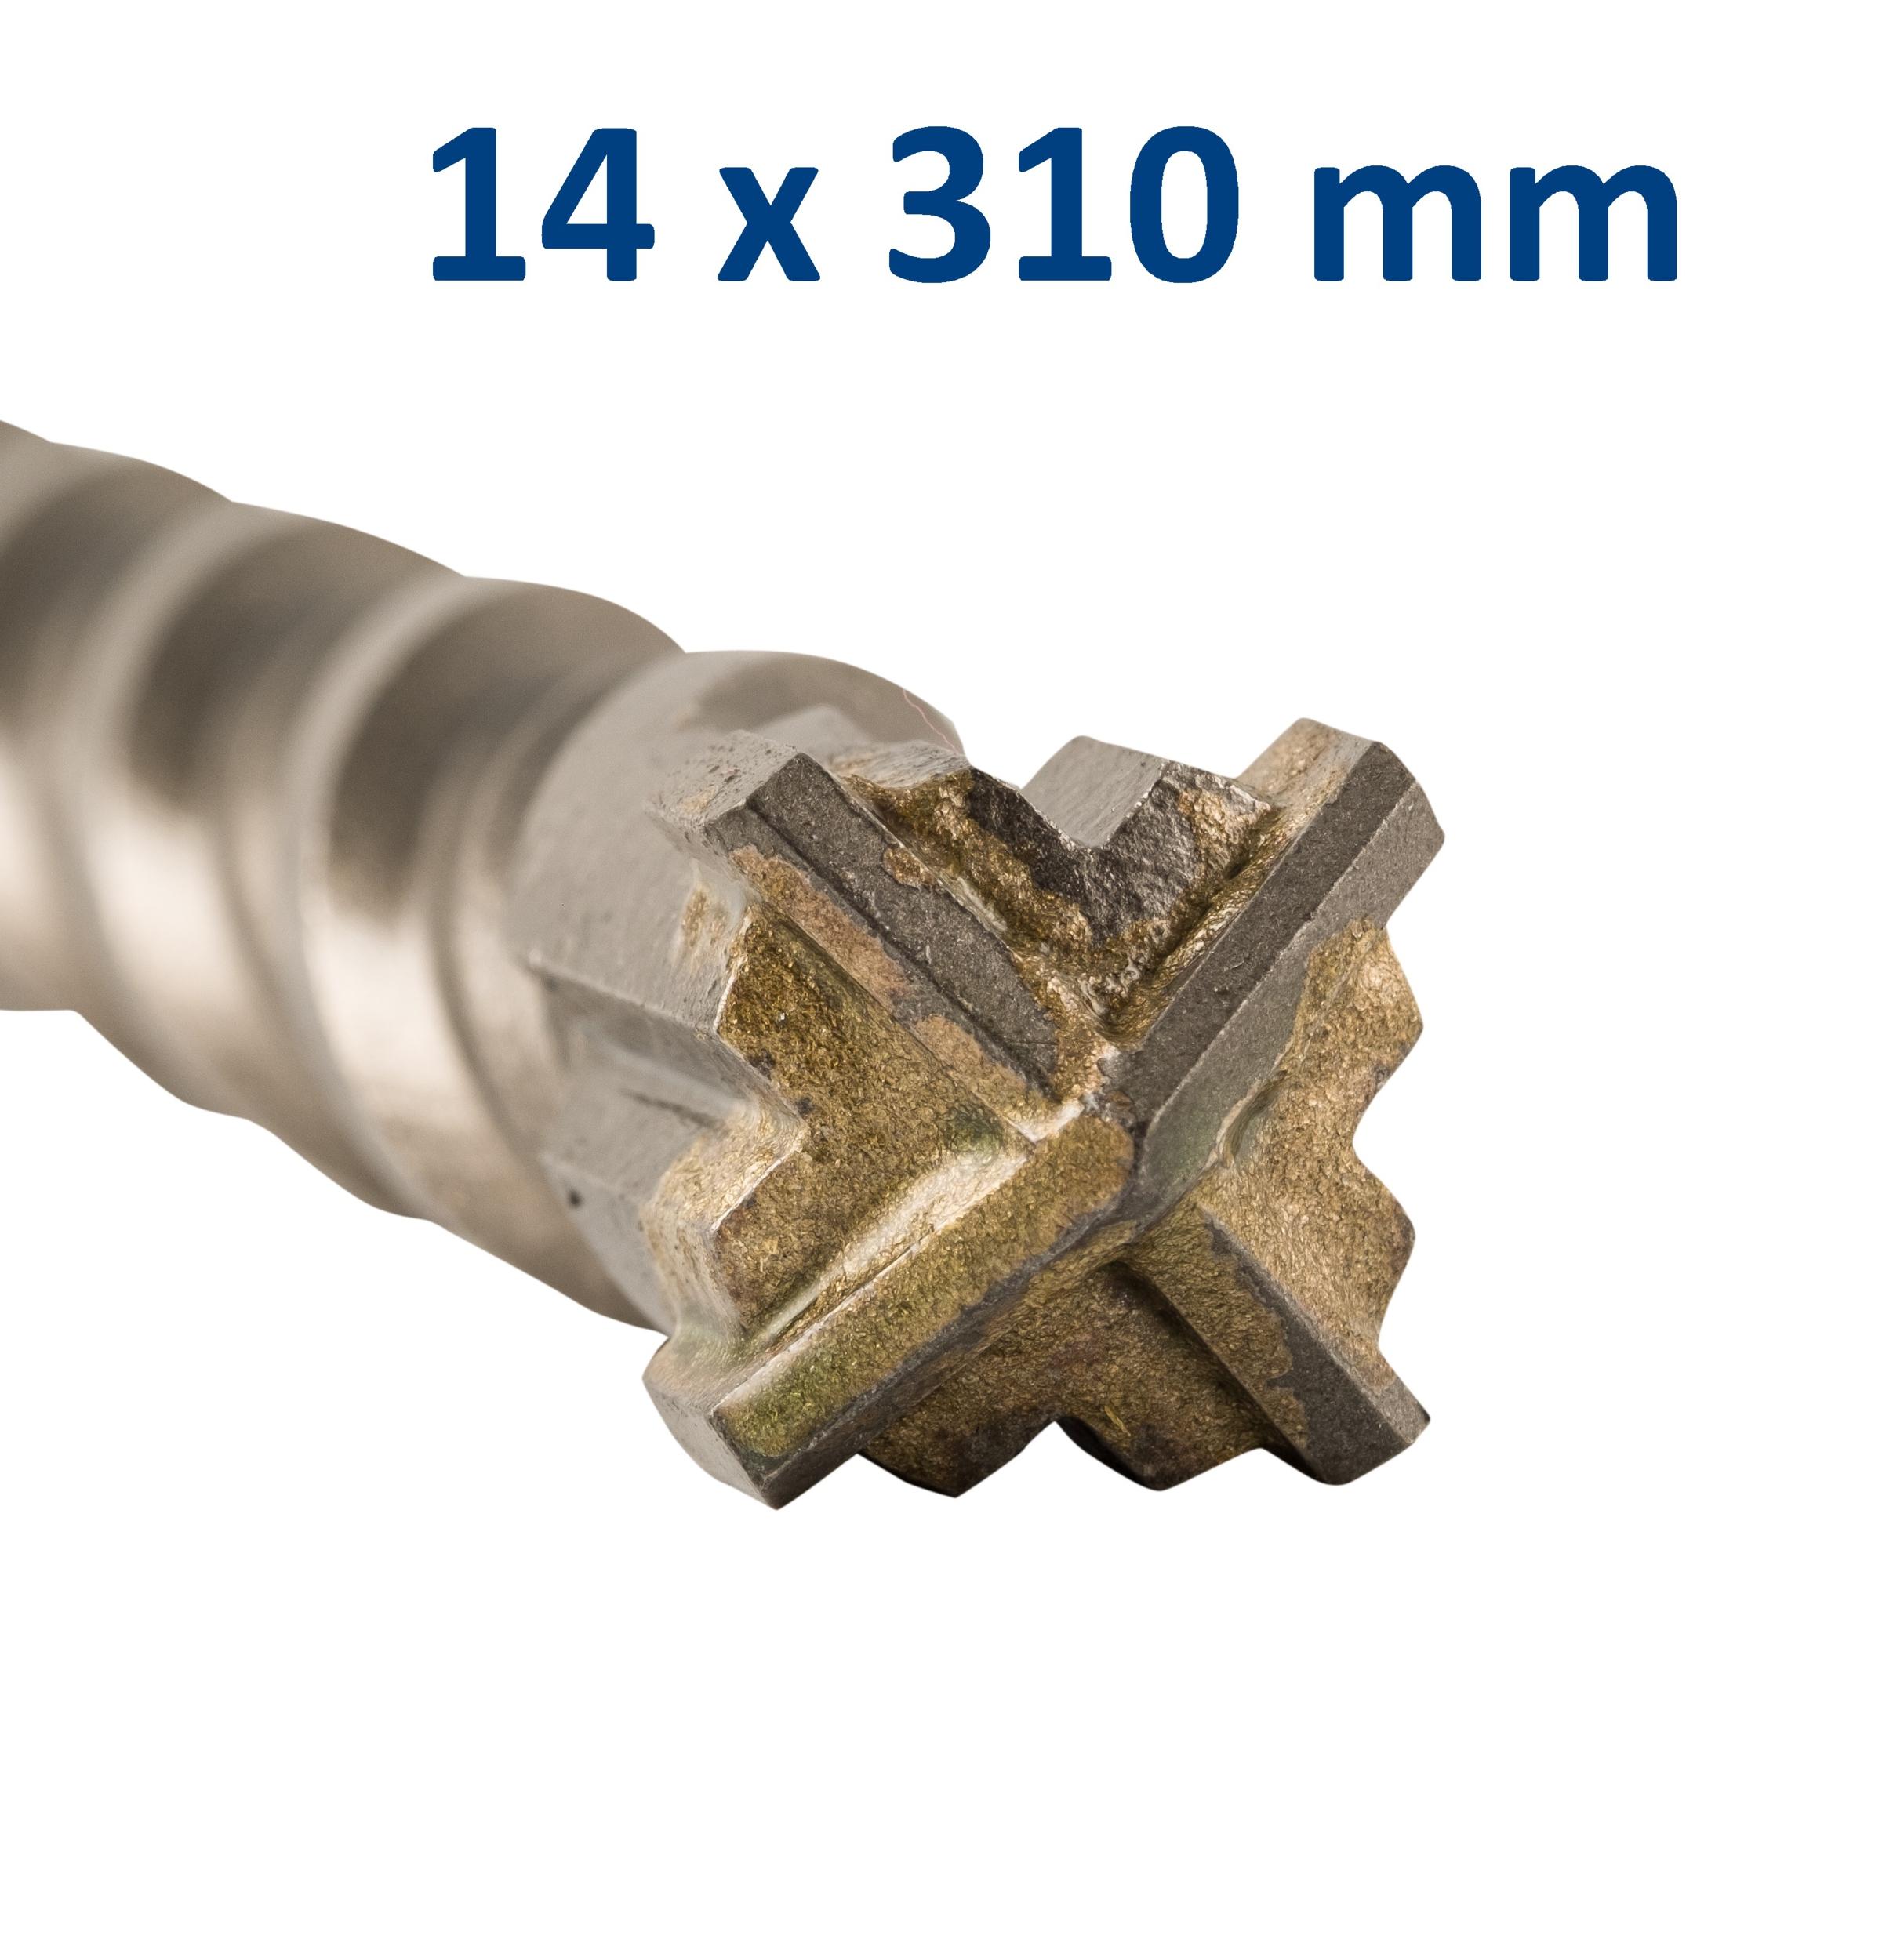 Foret-mèche SDS Plus pointe en croix 14x310 mm GRÖNE